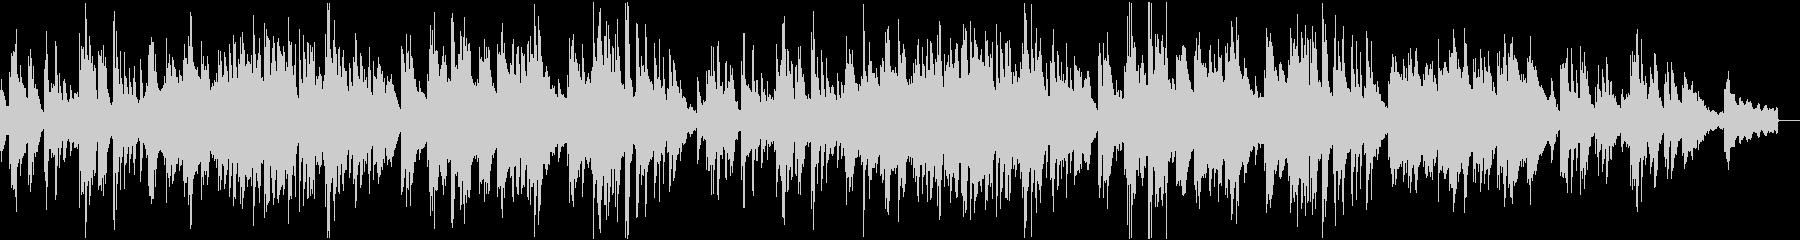 ナレーションによく合うエレピソロバラードの未再生の波形